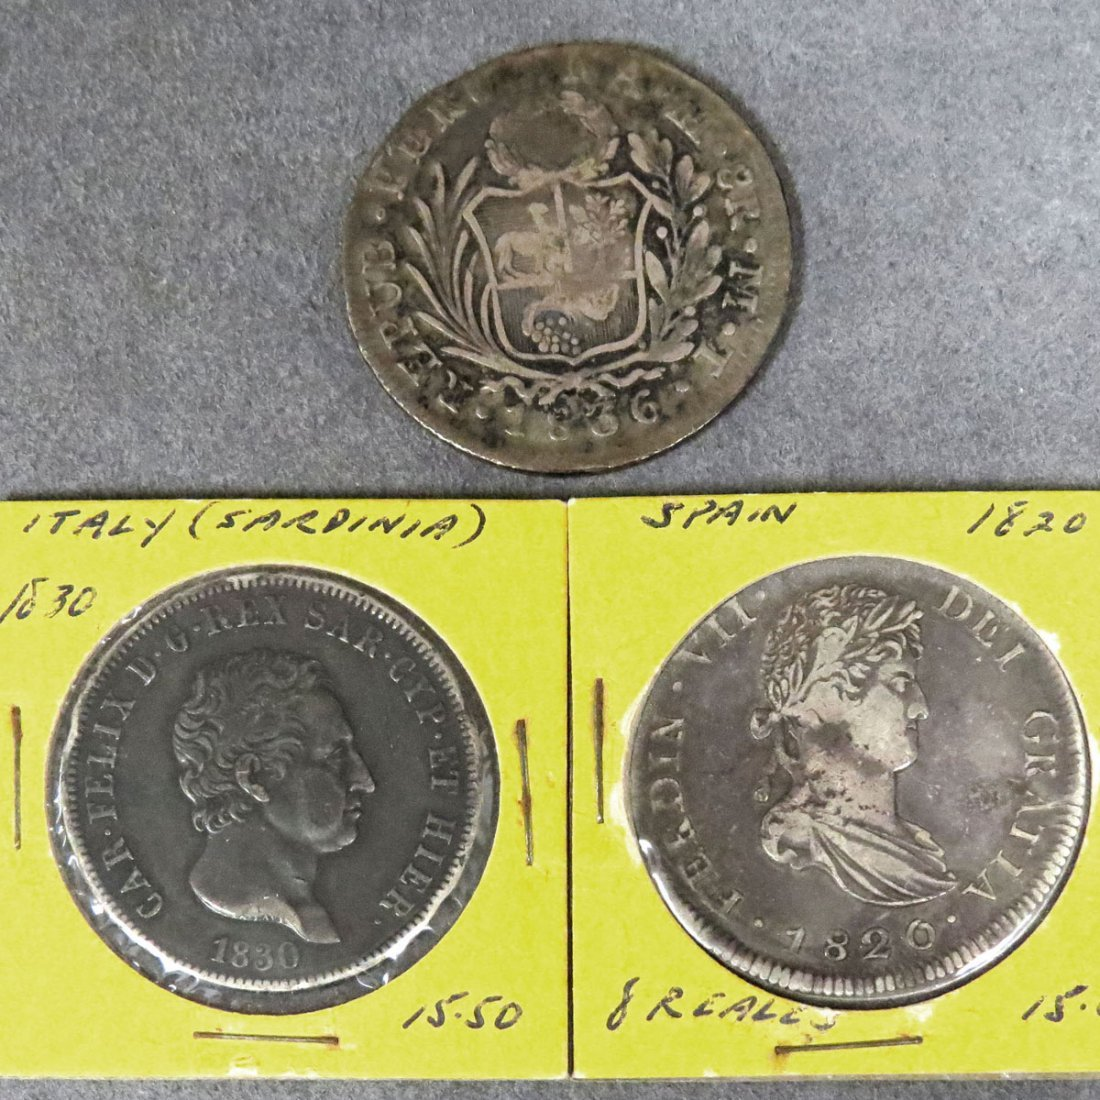 LOT (3) INCLUDING 1830P ITALIAN SILVER 5 LIRA COIN